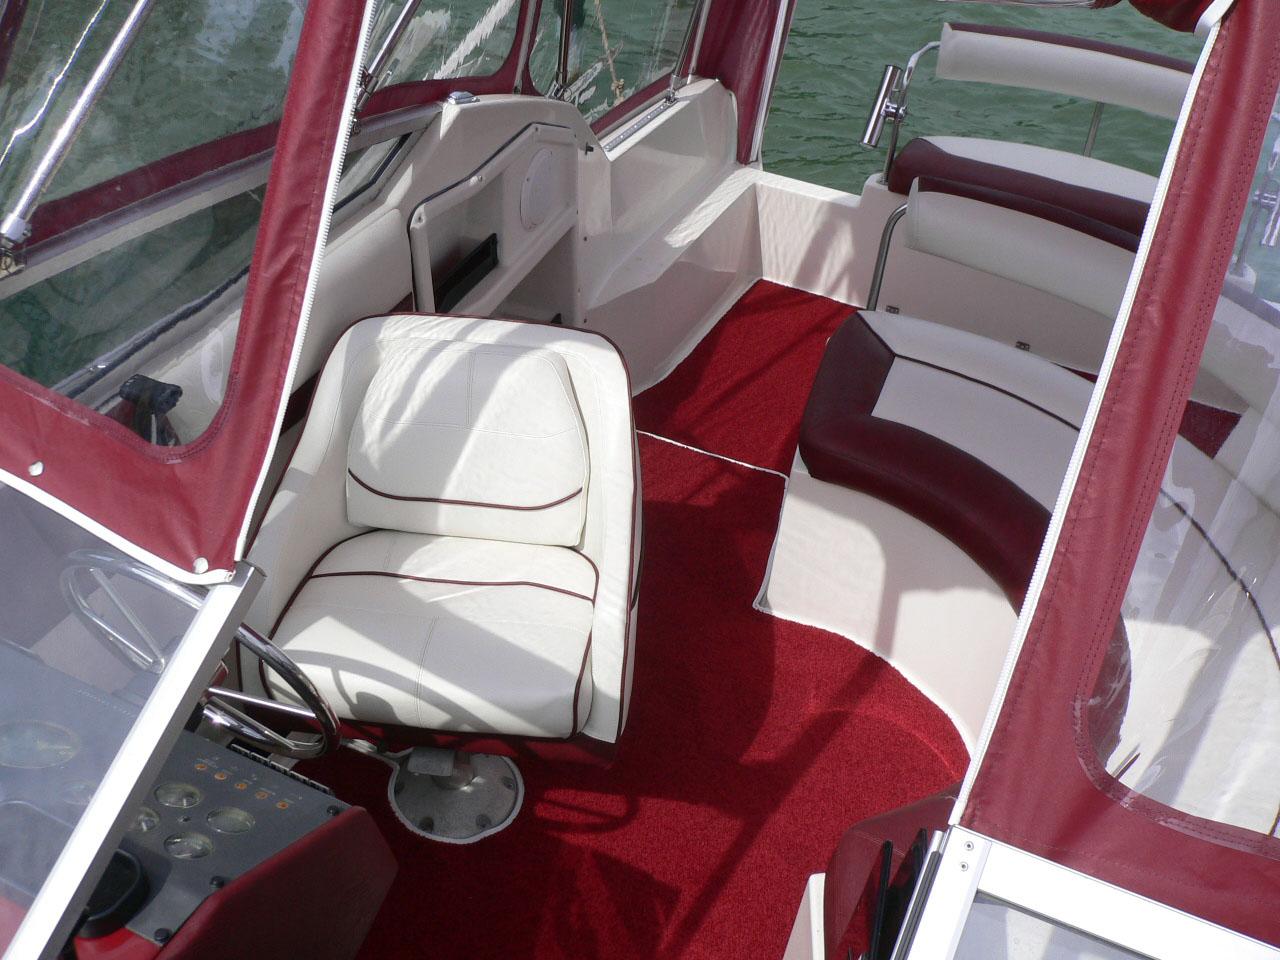 gebraucht bootsmarkt sportboote berlin sattlerei. Black Bedroom Furniture Sets. Home Design Ideas